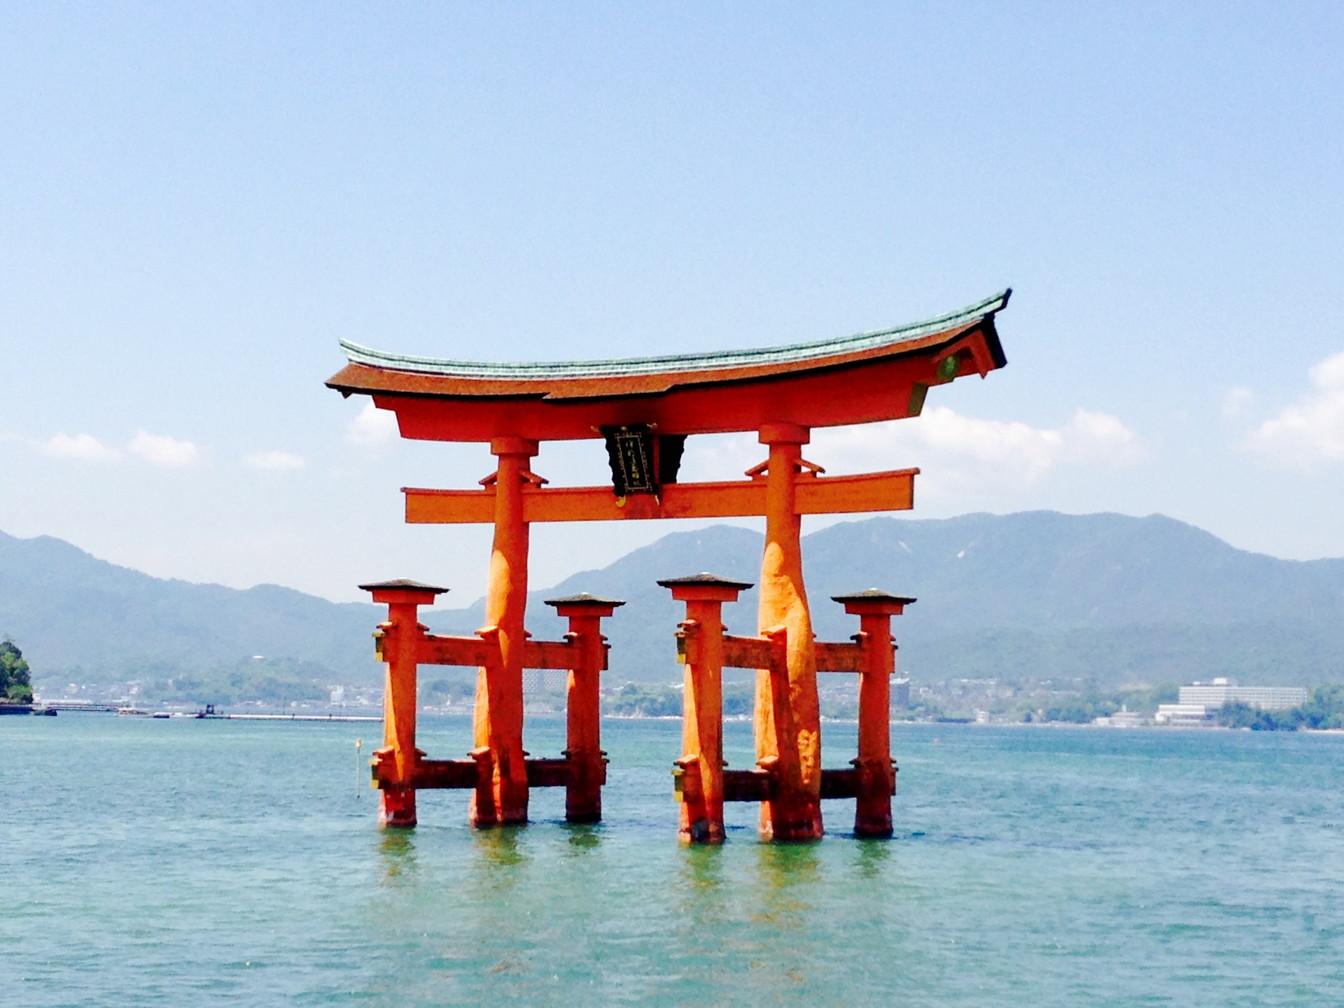 世界遺産、厳島神社の楽しみ方と見どころをご紹介!   エア ...